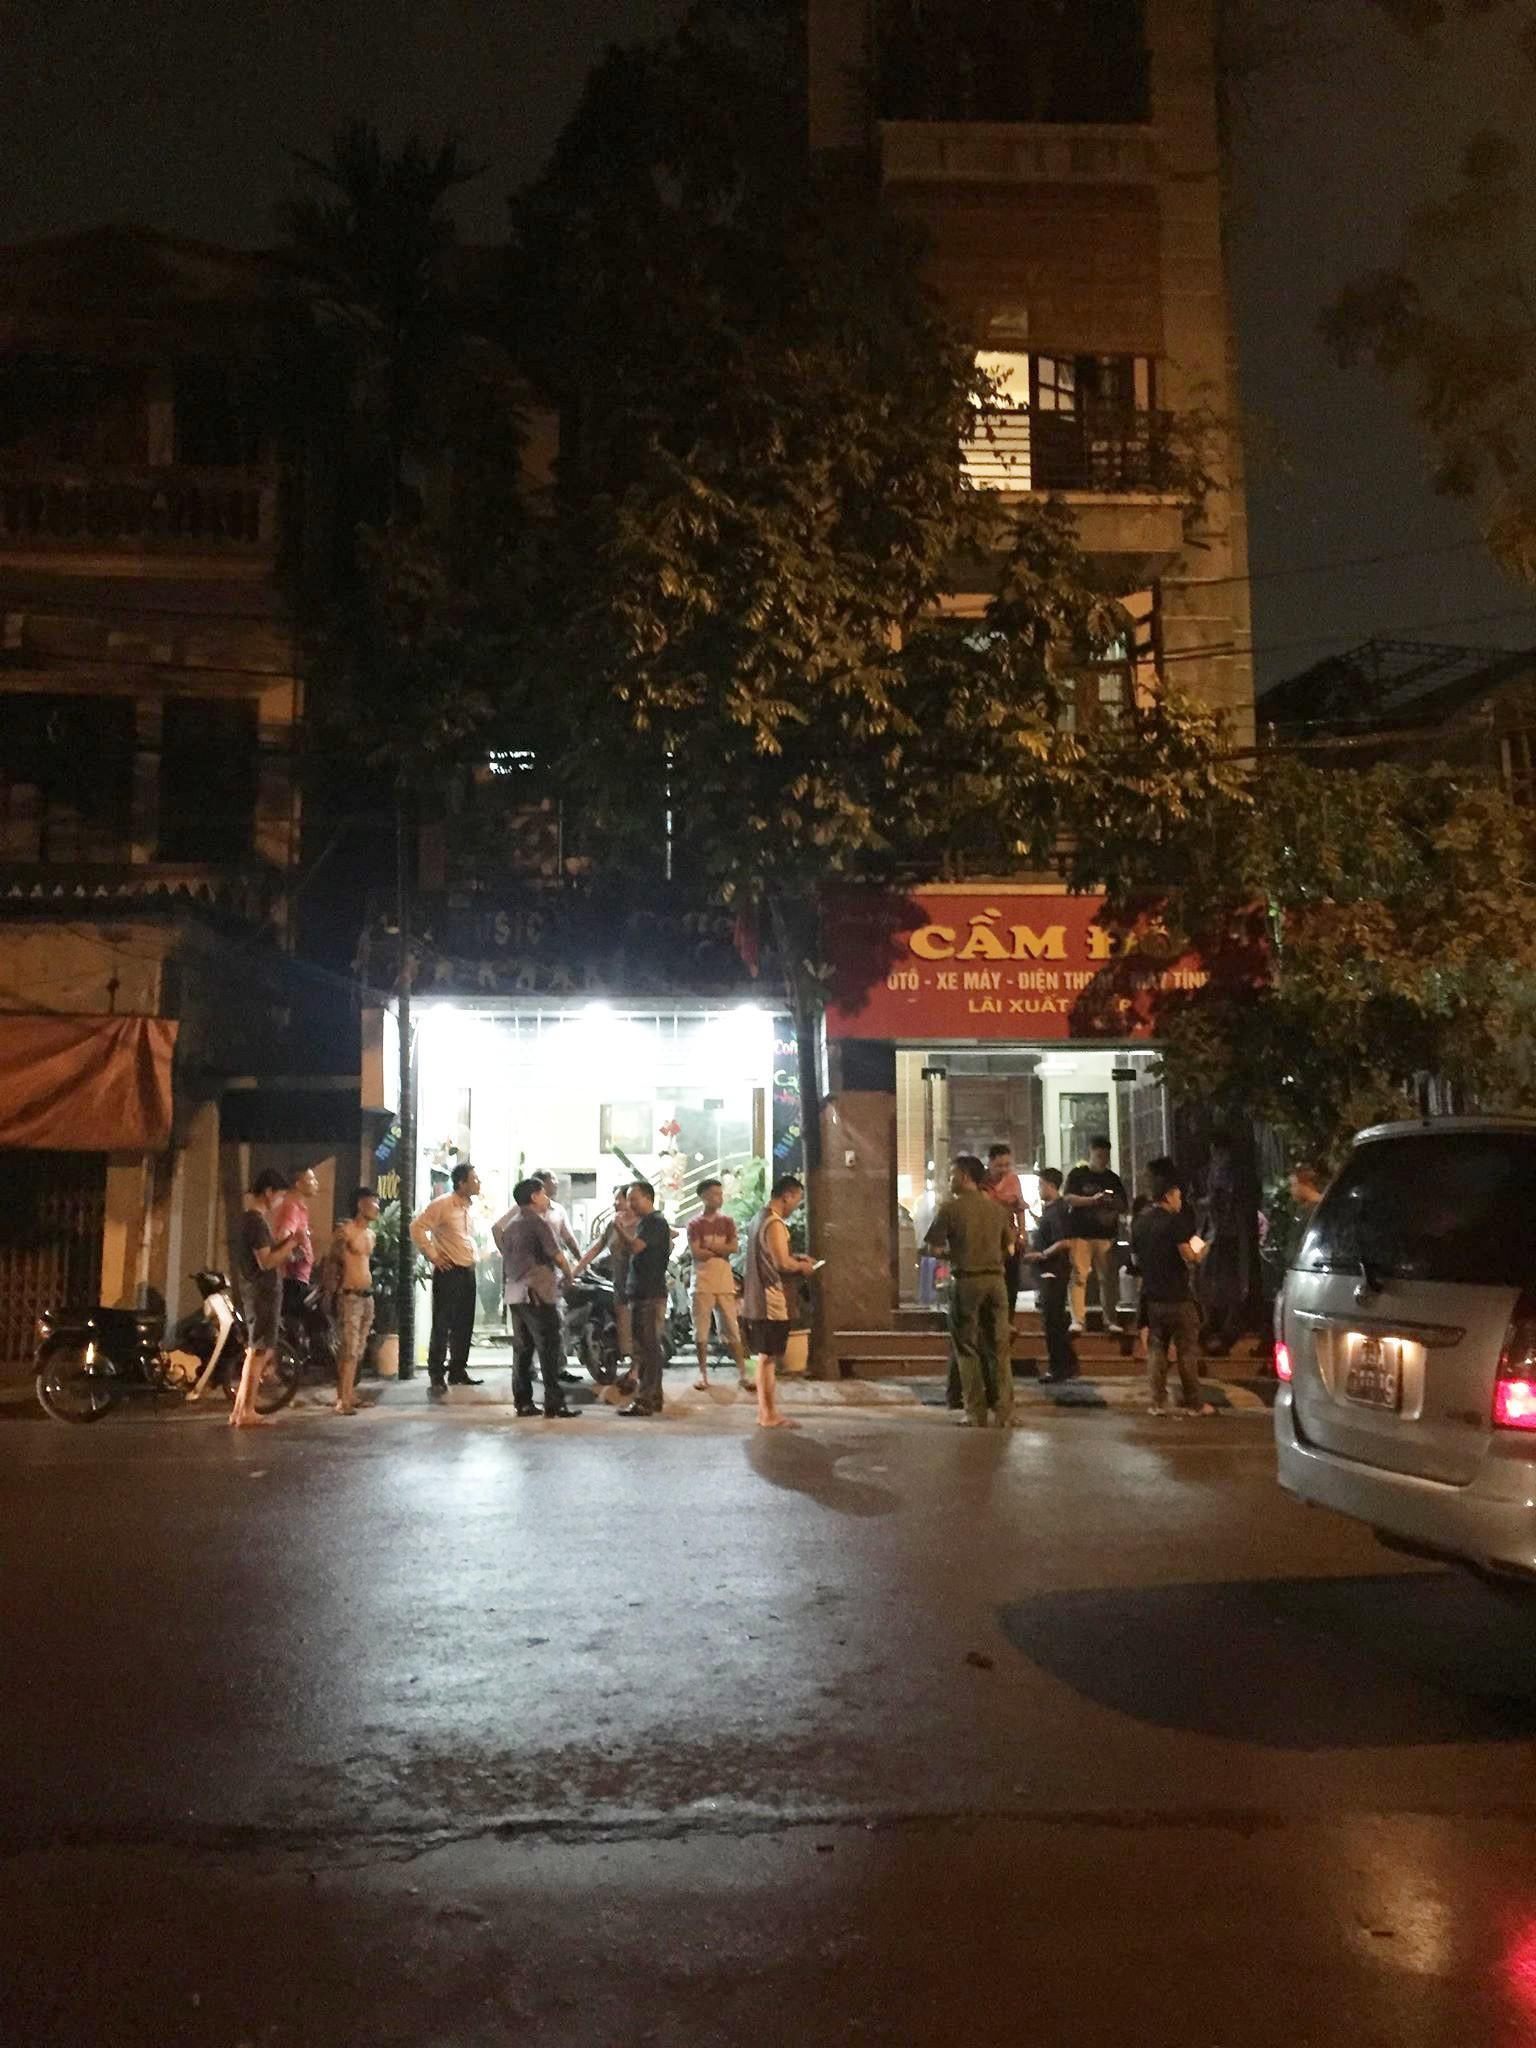 Nam thanh niên xông vào tiệm cầm đồ ở Hà Nội, đâm nữ chủ tiệm rồi kéo nạn nhân lên tầng 2 cố thủ - Ảnh 1.